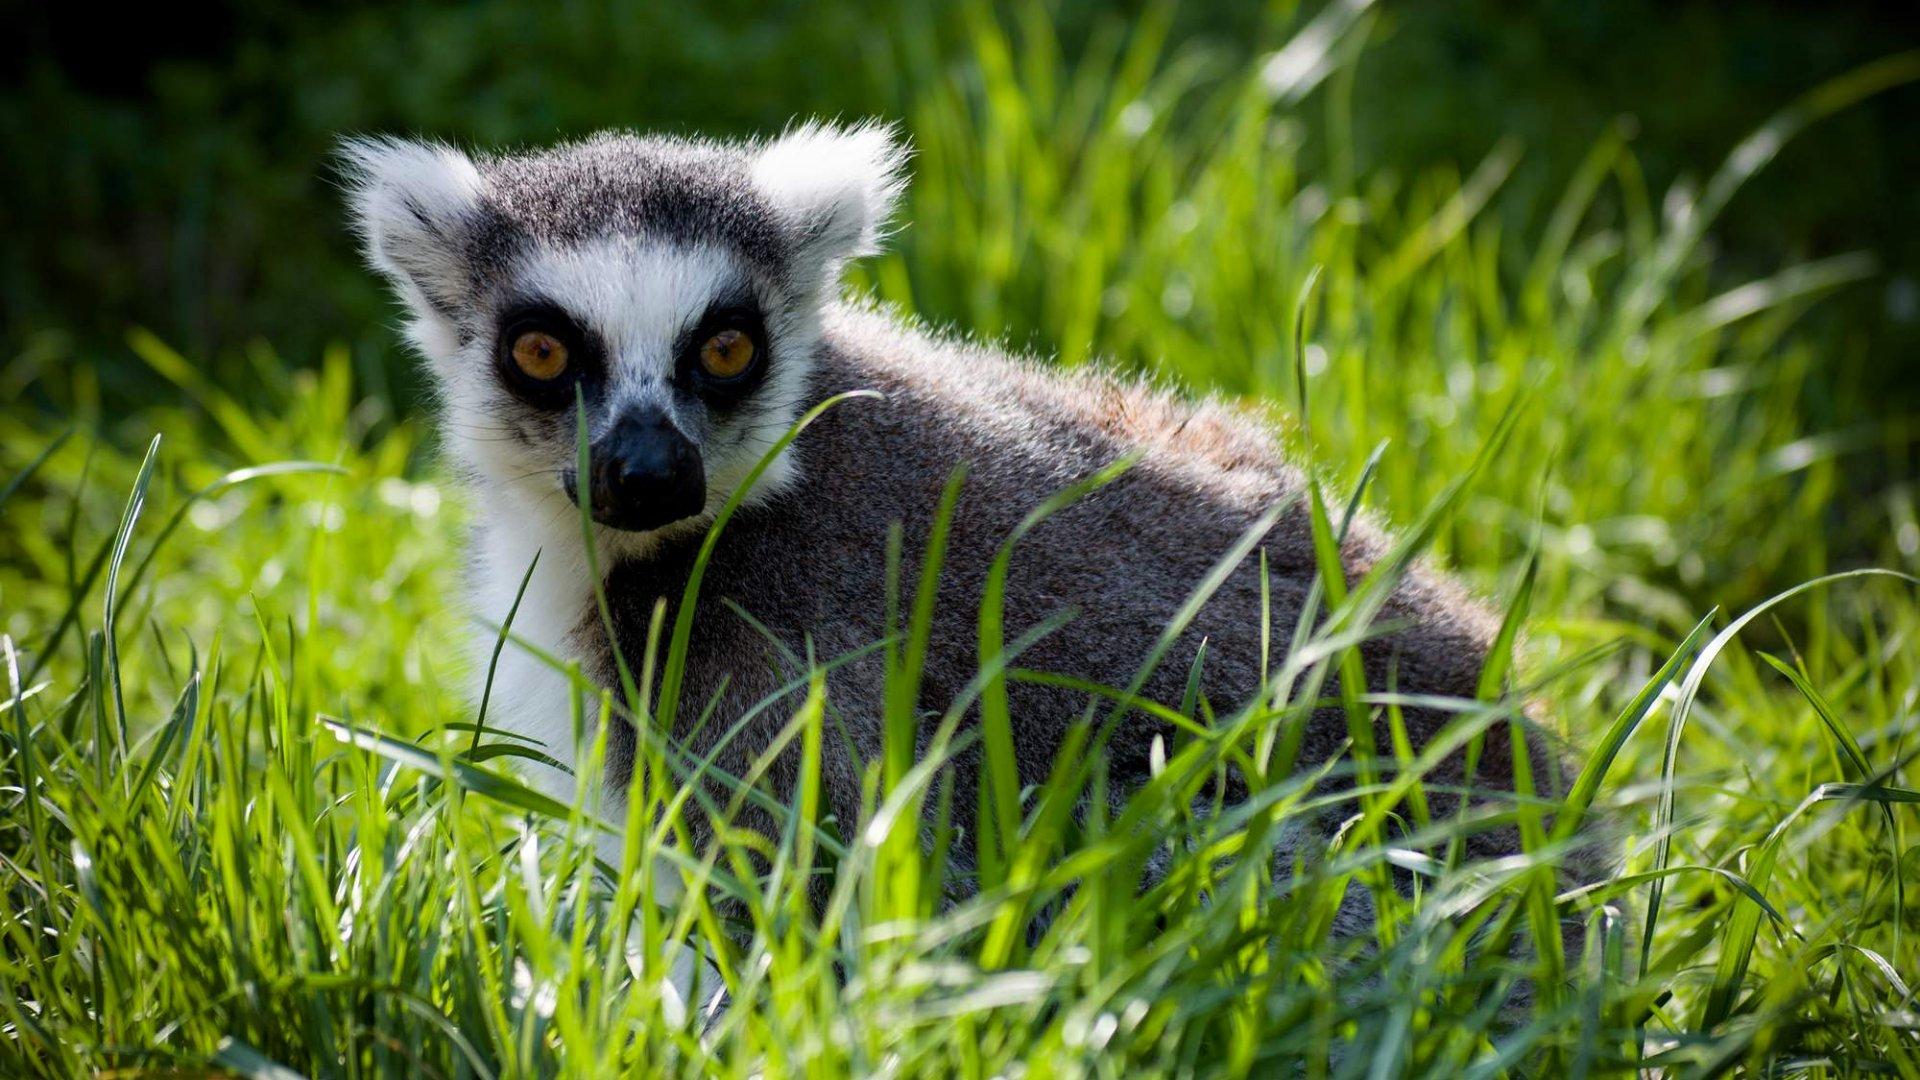 Zoologická zahrada Plzeň – Otevírací doba, vstupné, zvířata